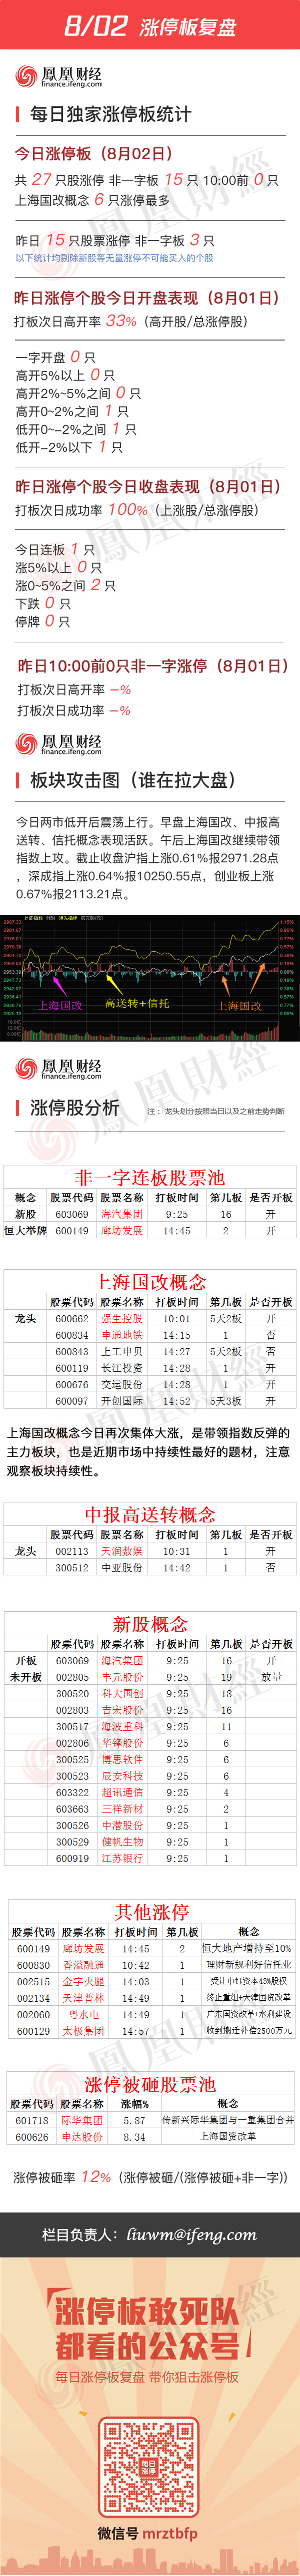 2016年8月2日涨停板复盘 - 小美 - xing1969wuw的博客